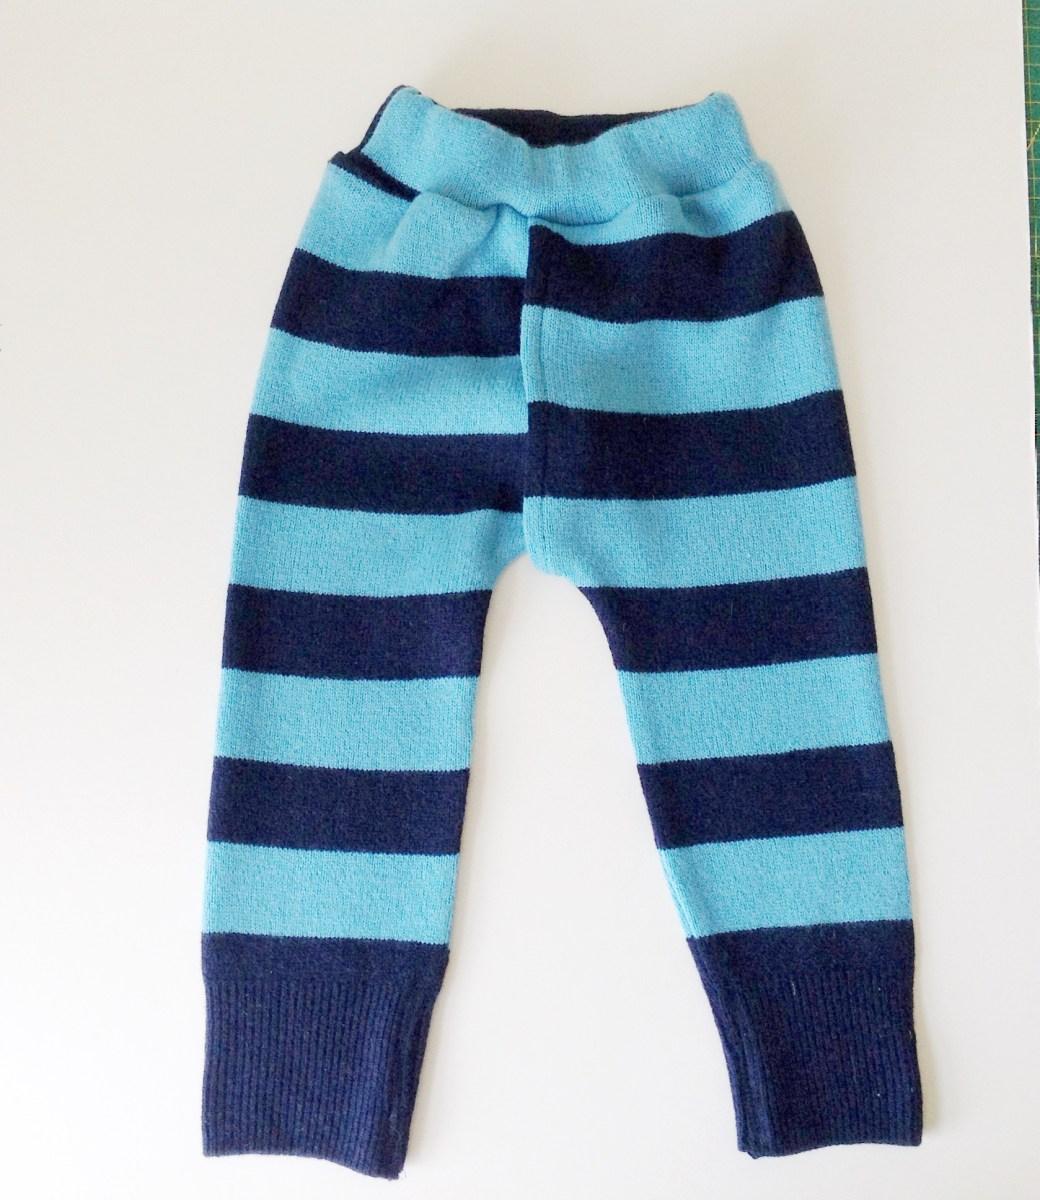 split crotch baby trousers pants